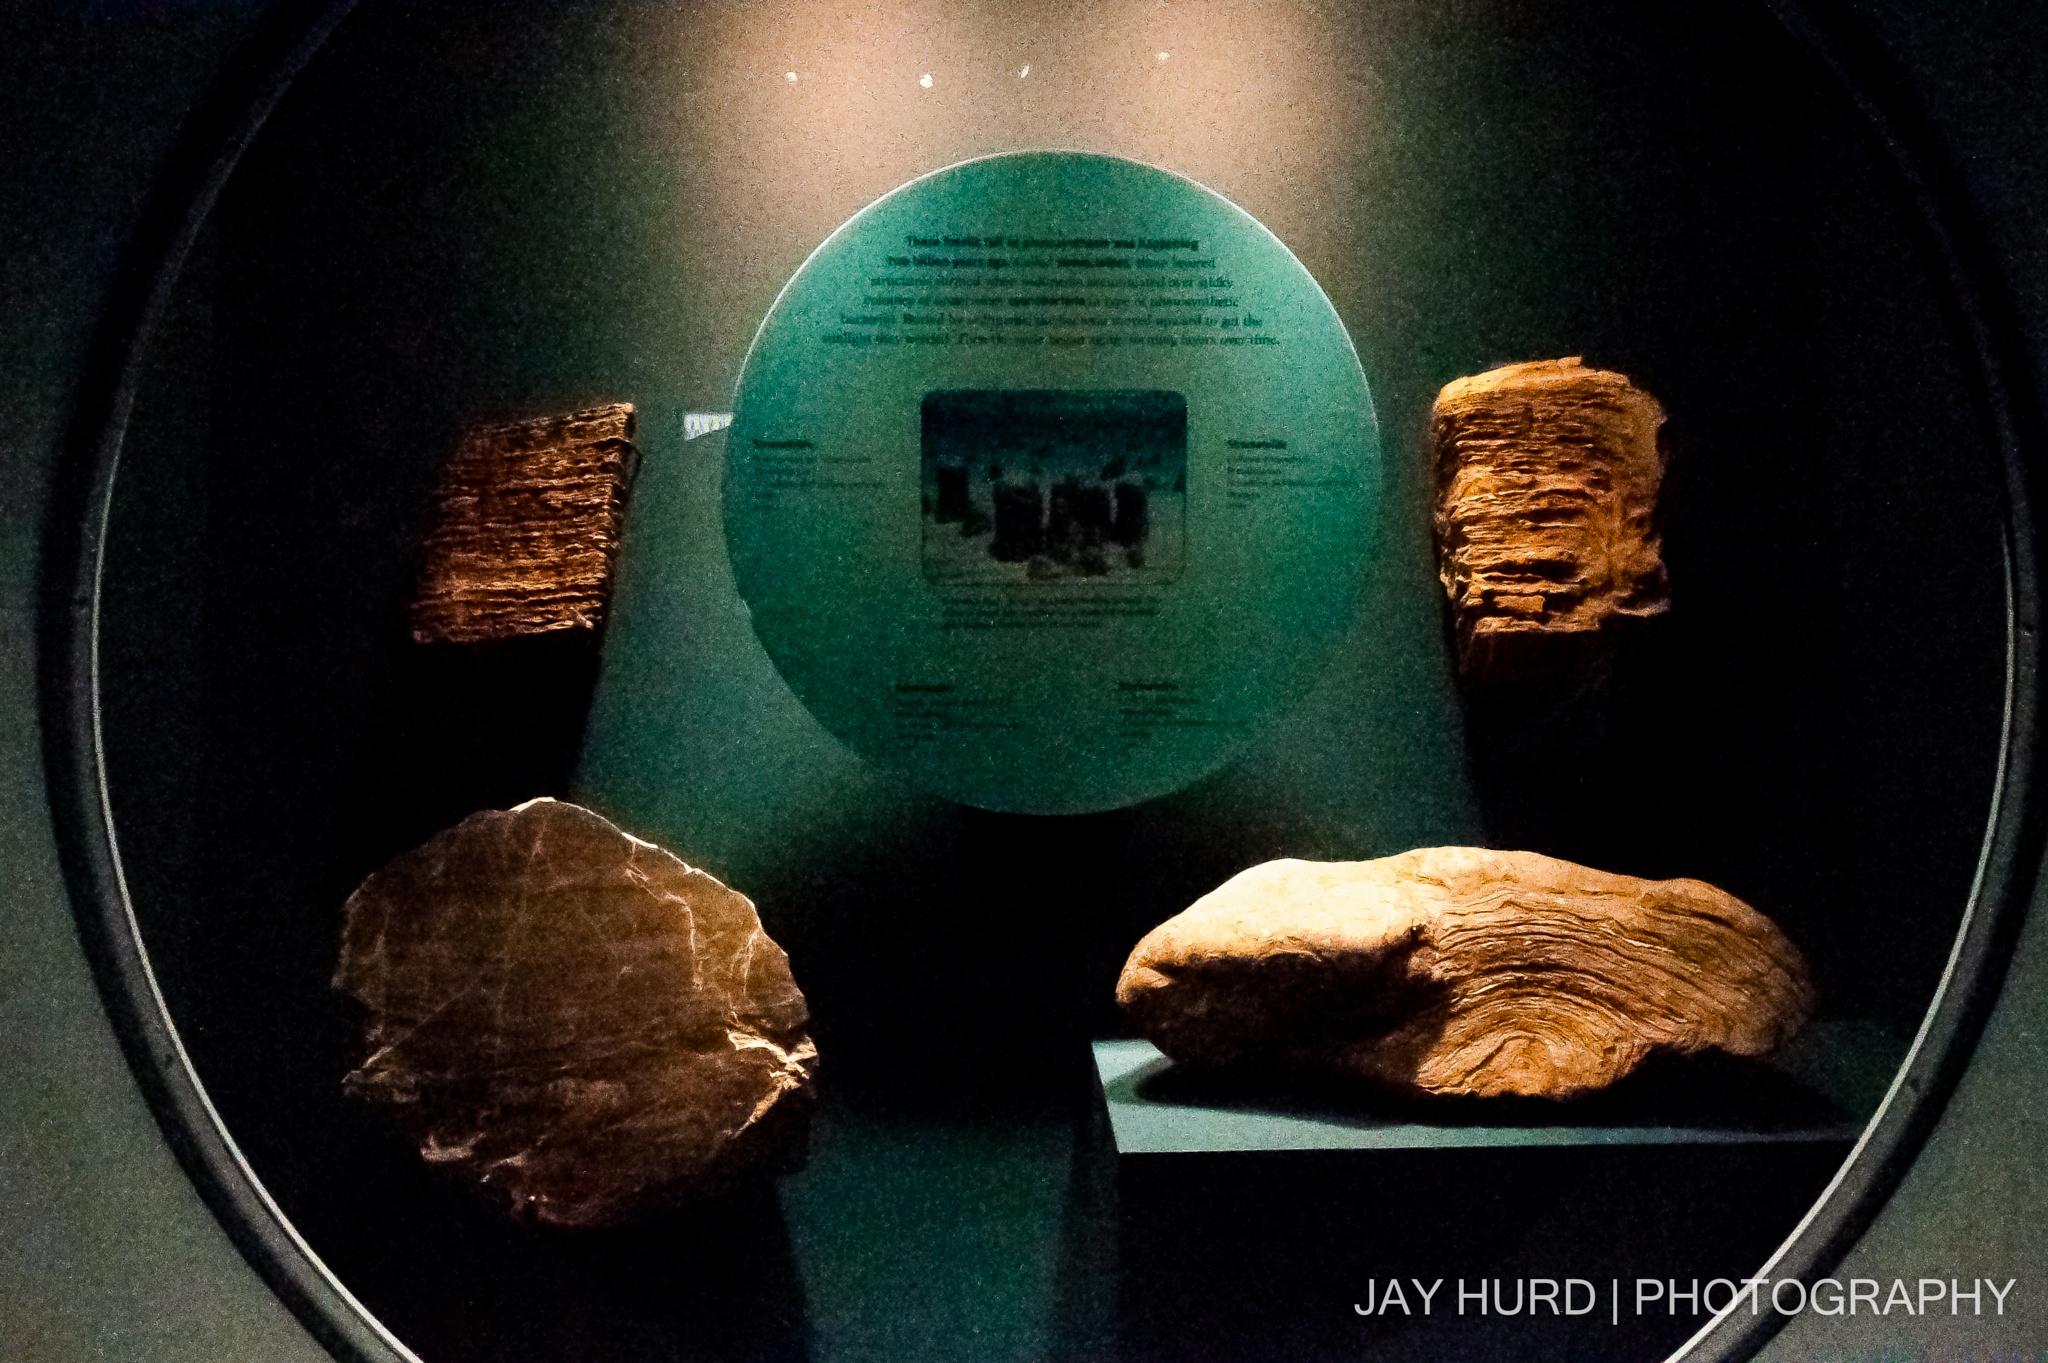 Rock Exhibit by Jay Hurd